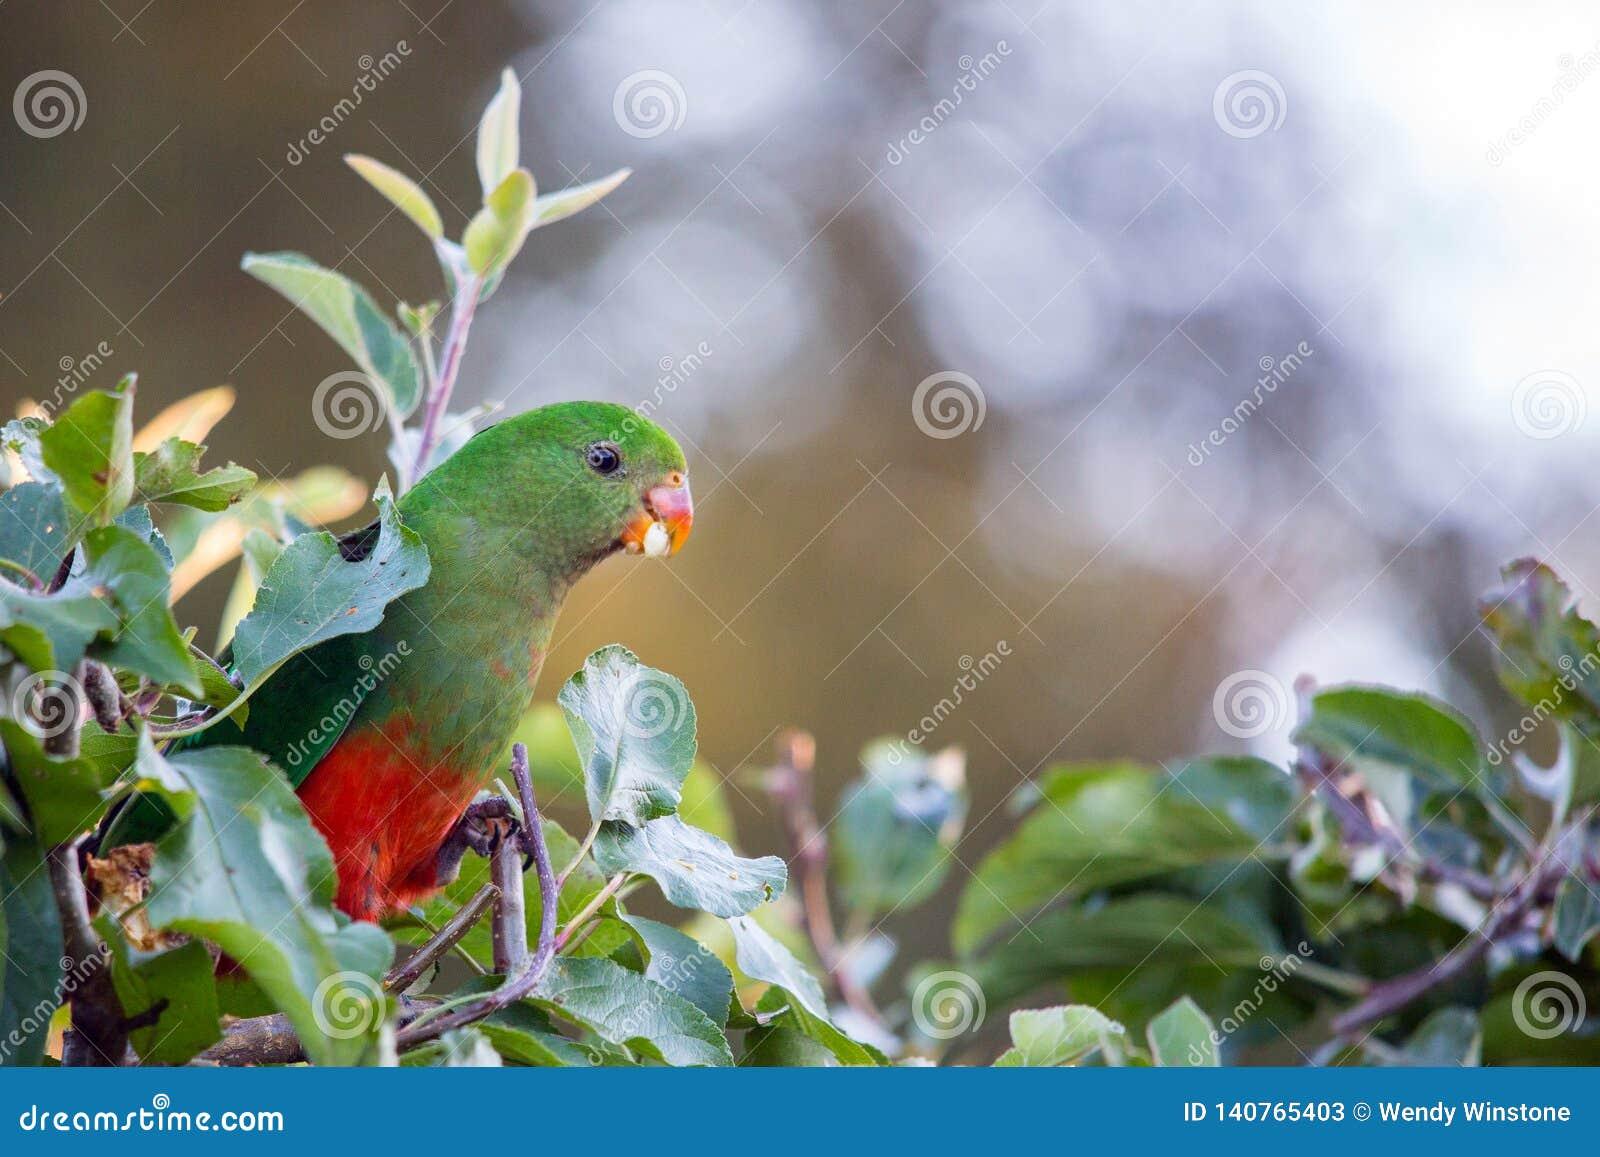 попугай короля в яблоне с яблоком в клюве